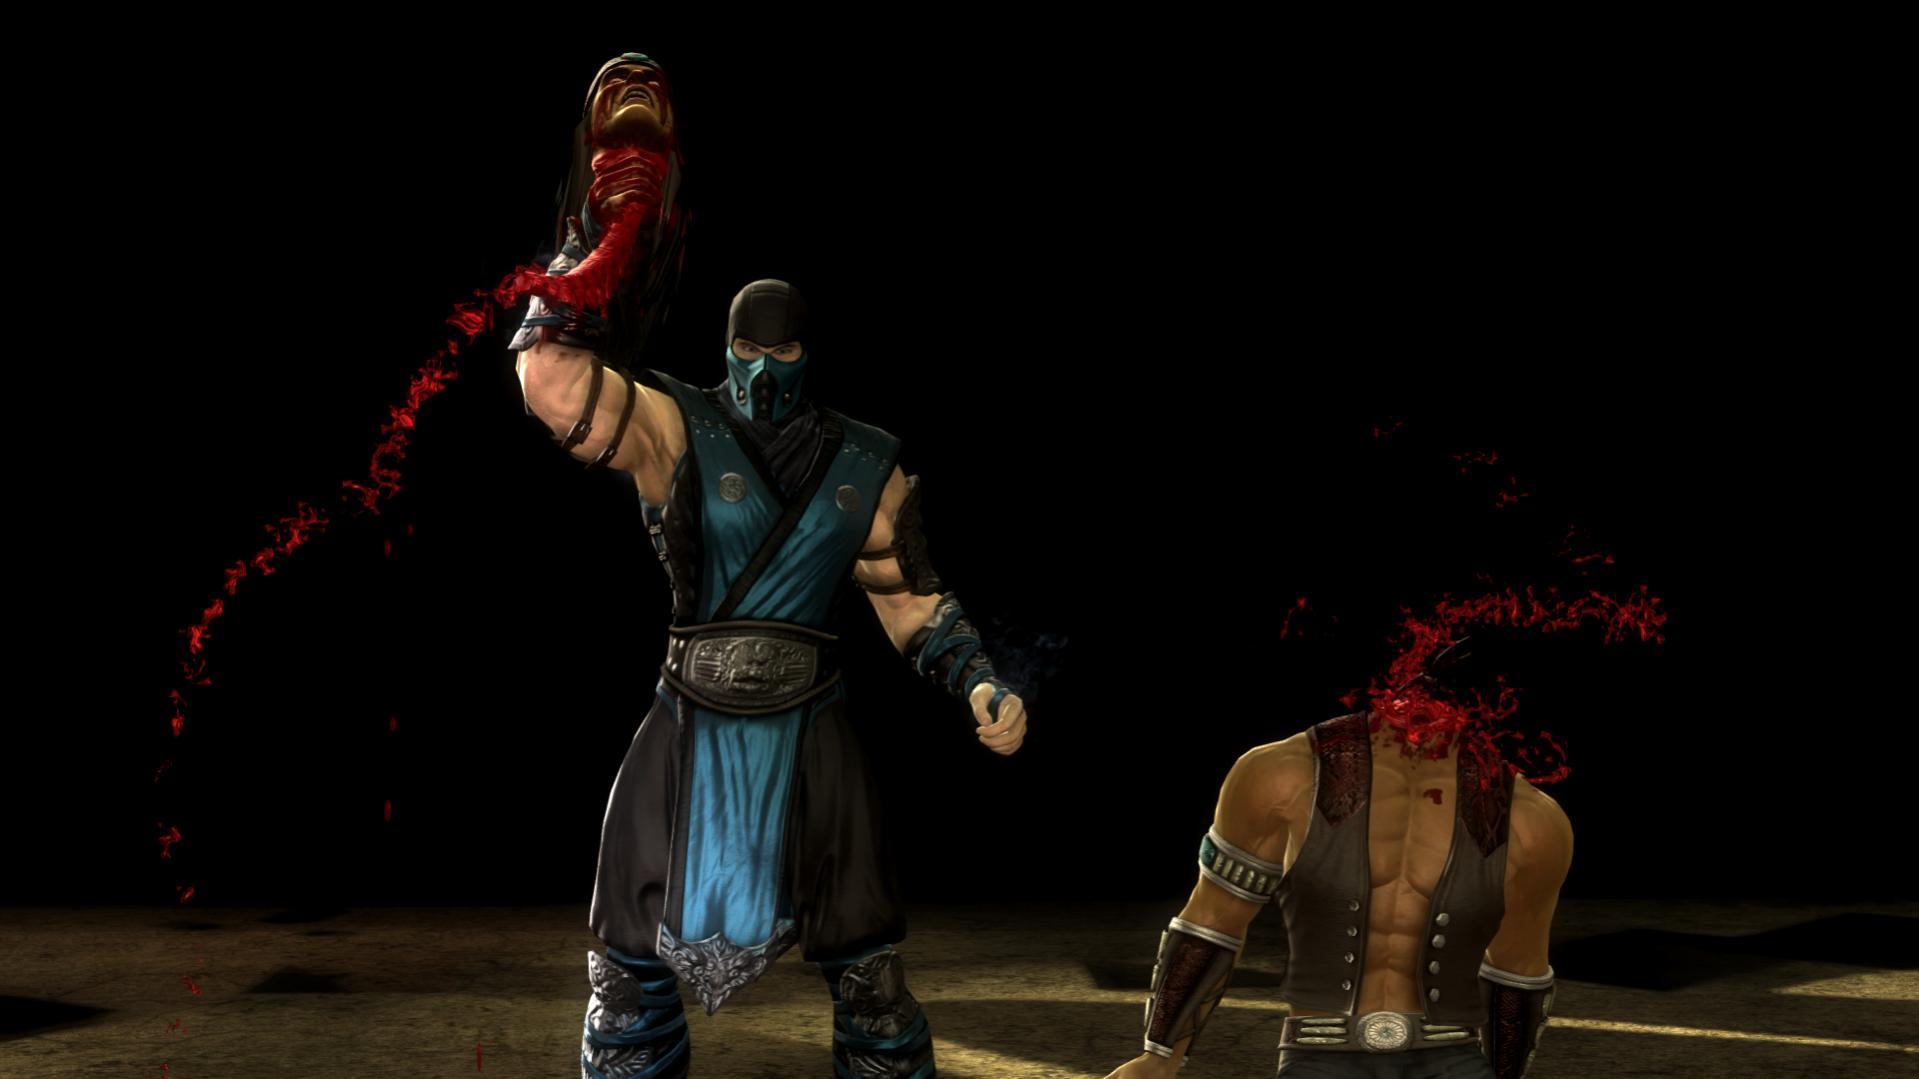 Mortal Kombat. Відеоігри не є причиною насильства